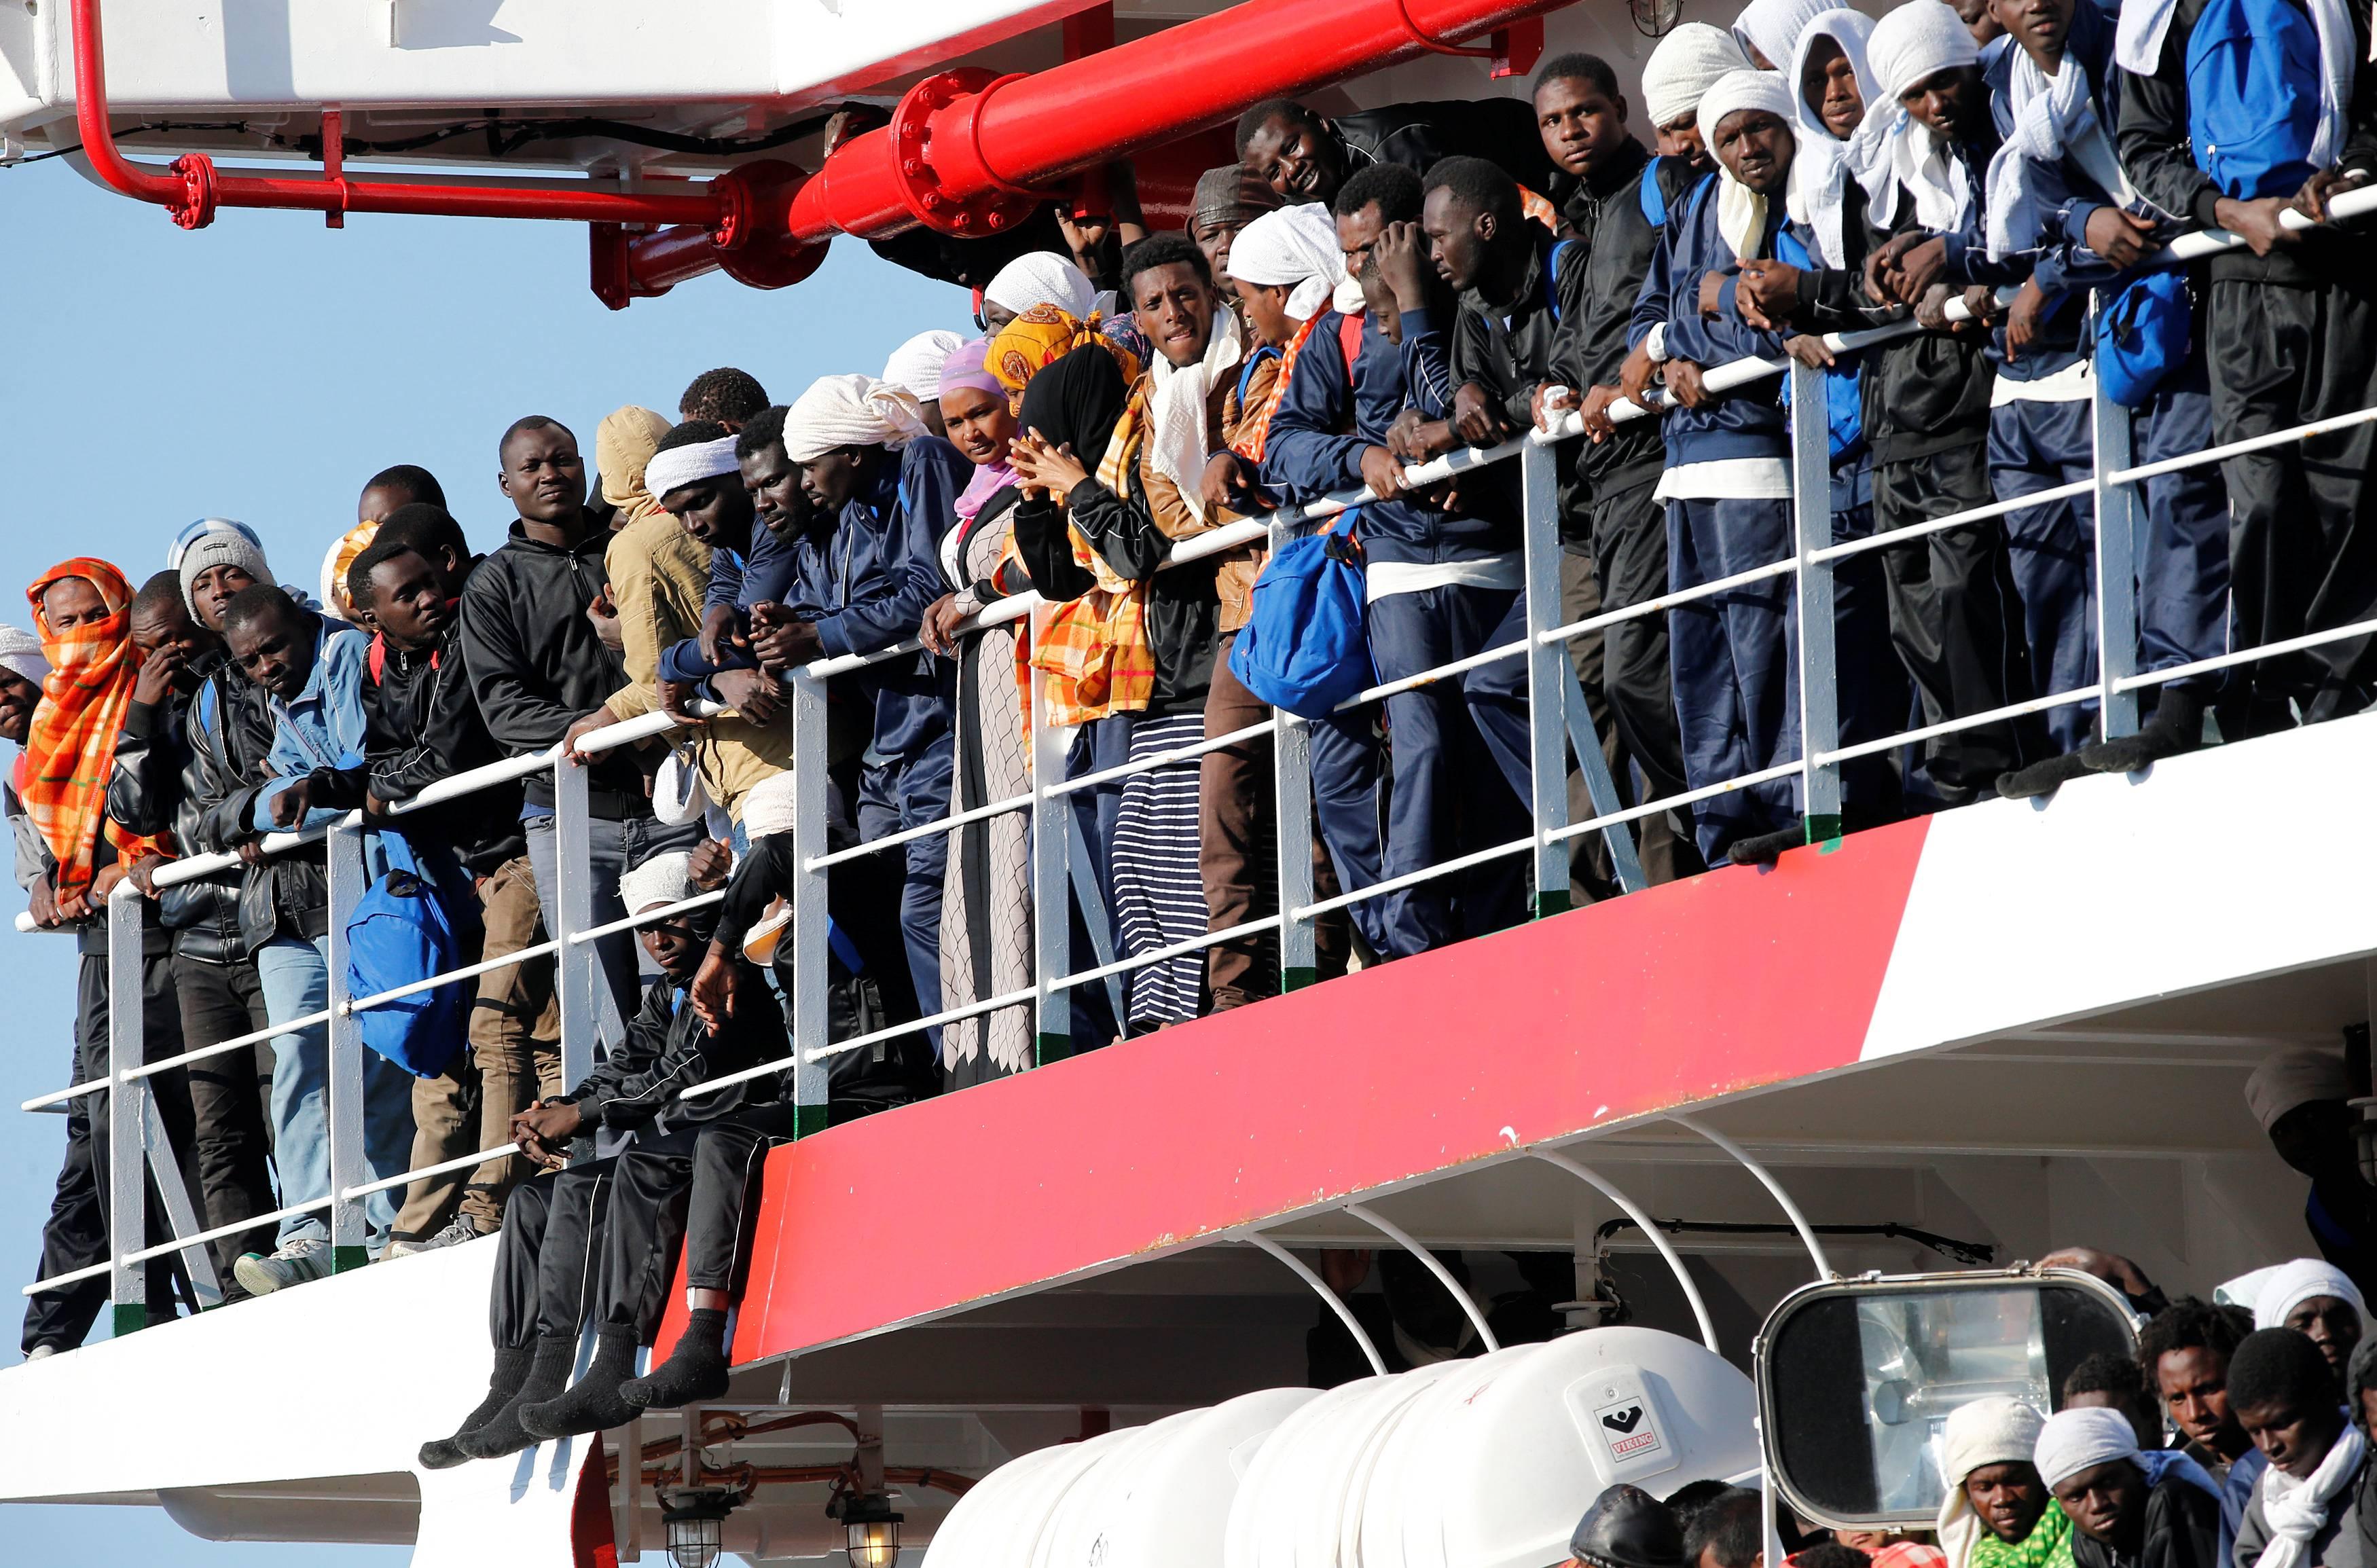 Положение беженцев в италии: жизнь в ожидании статуса